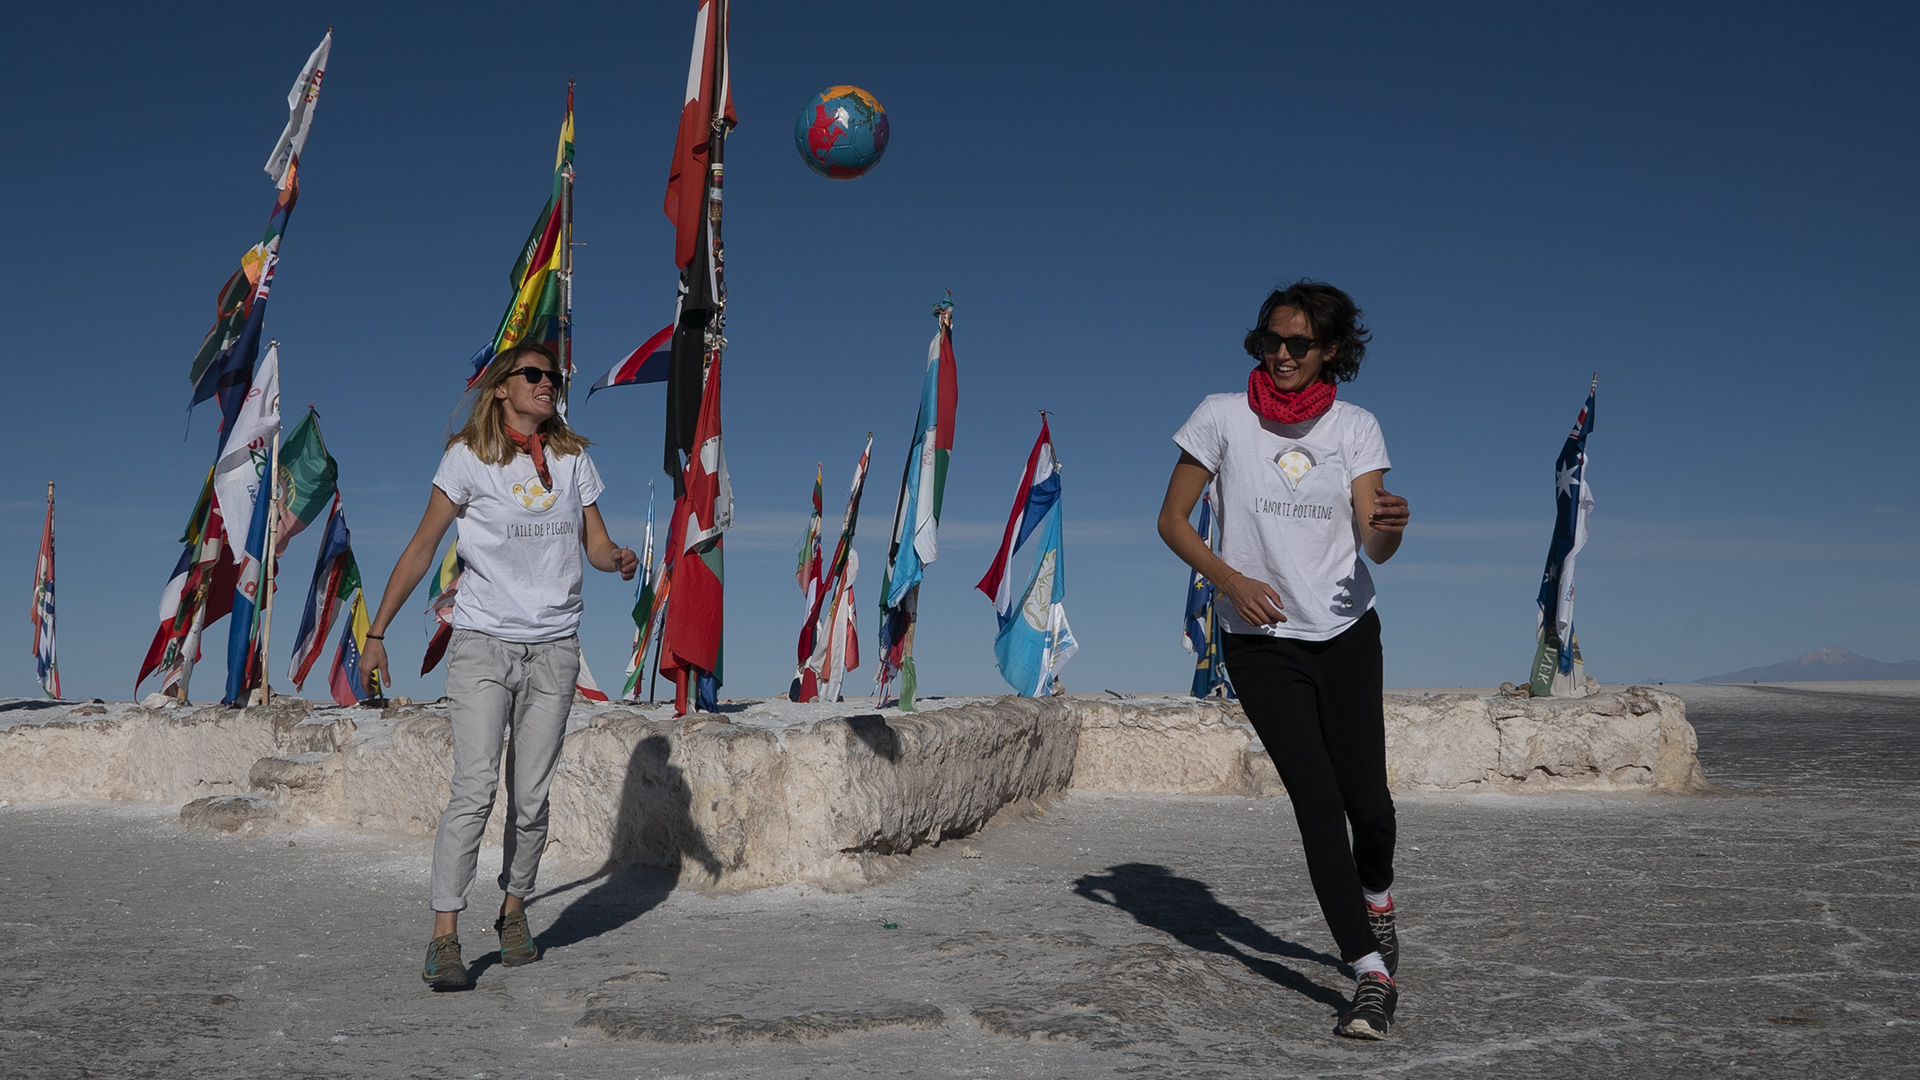 little miss soccer Rencontre en terre inconnue avec Melina Boetie et Candice Prevost